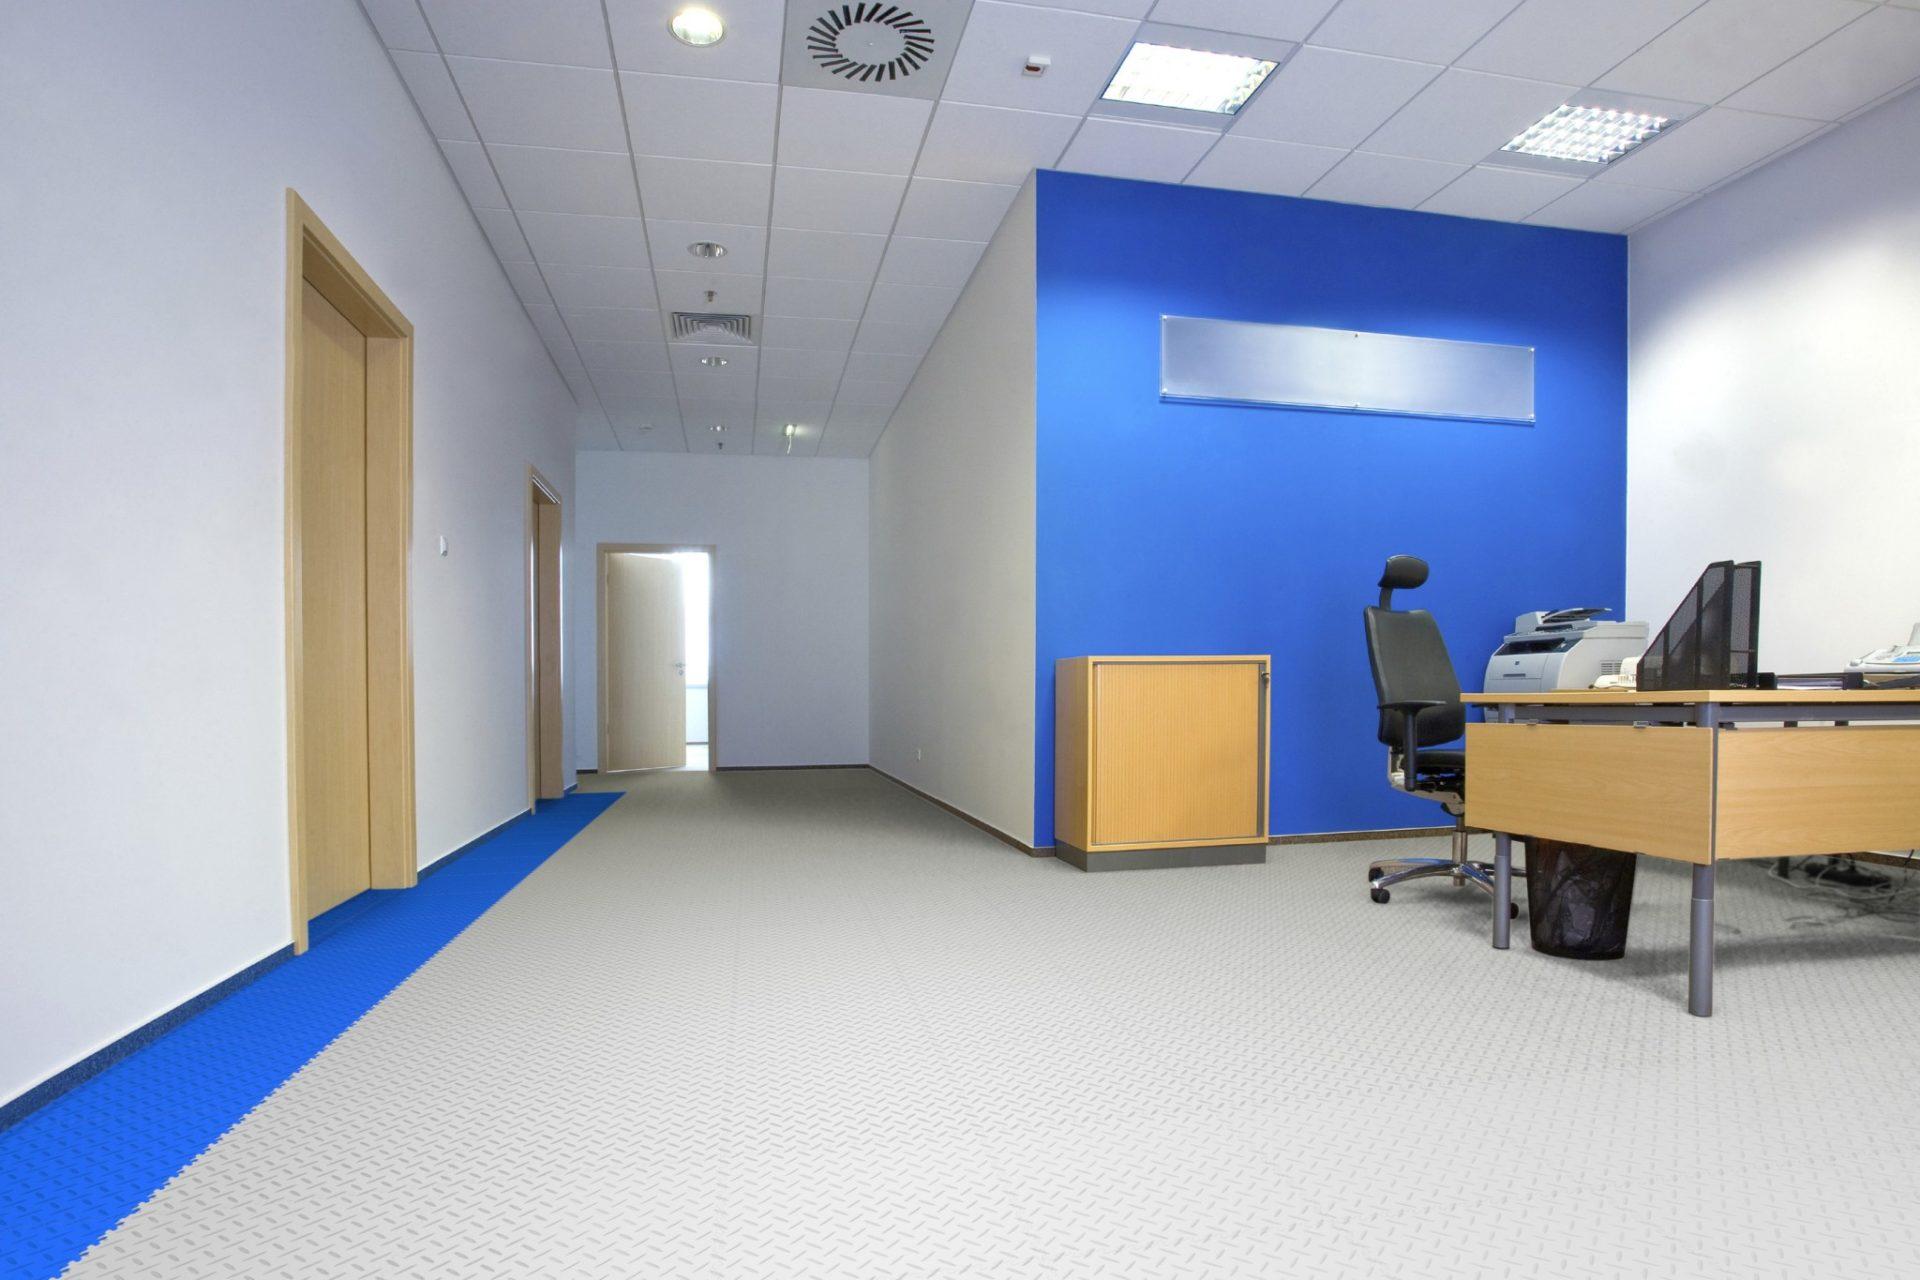 industrieboden-gewerbeboden-jp-mechanic-light-pvc-fliese-platte-geschäft-geschäftsraum-büro-3